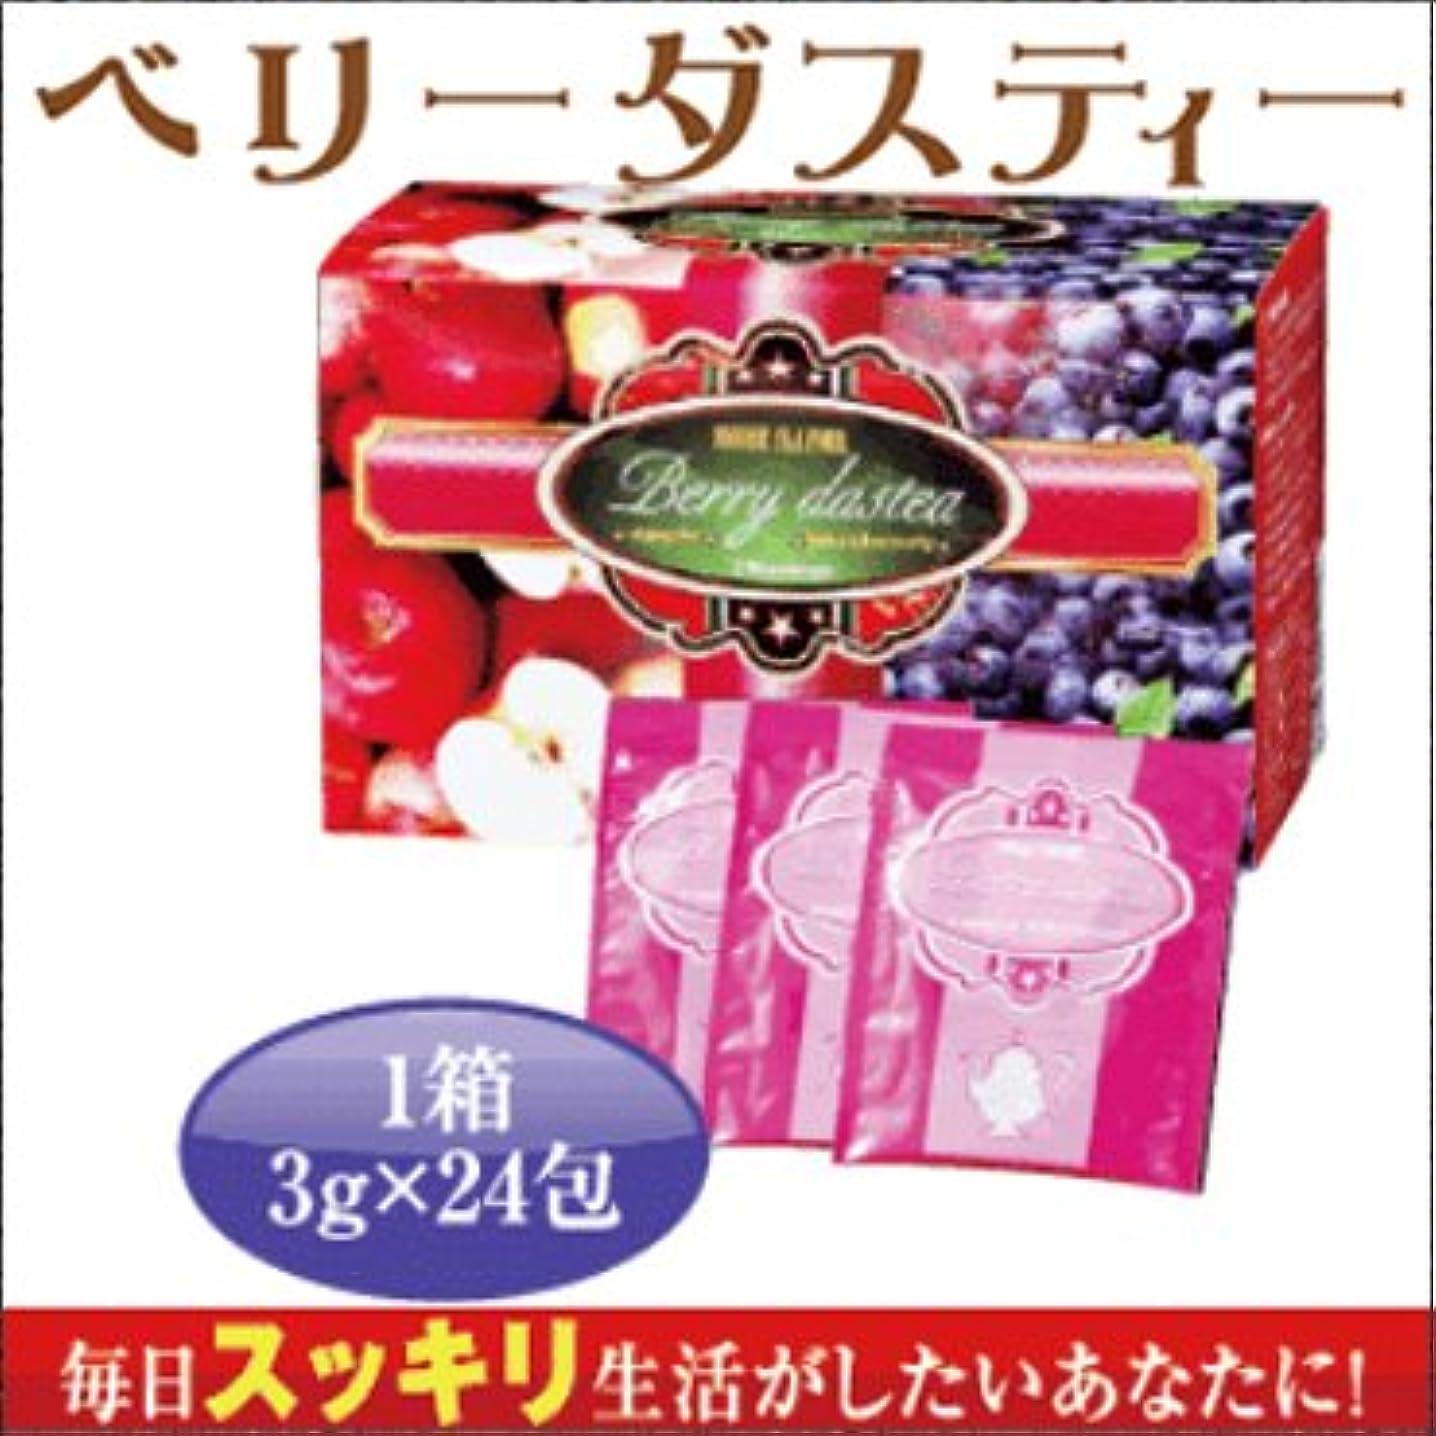 サイレンピンクインストール【ケン?ネット】ベリーダスティー 3g×24包